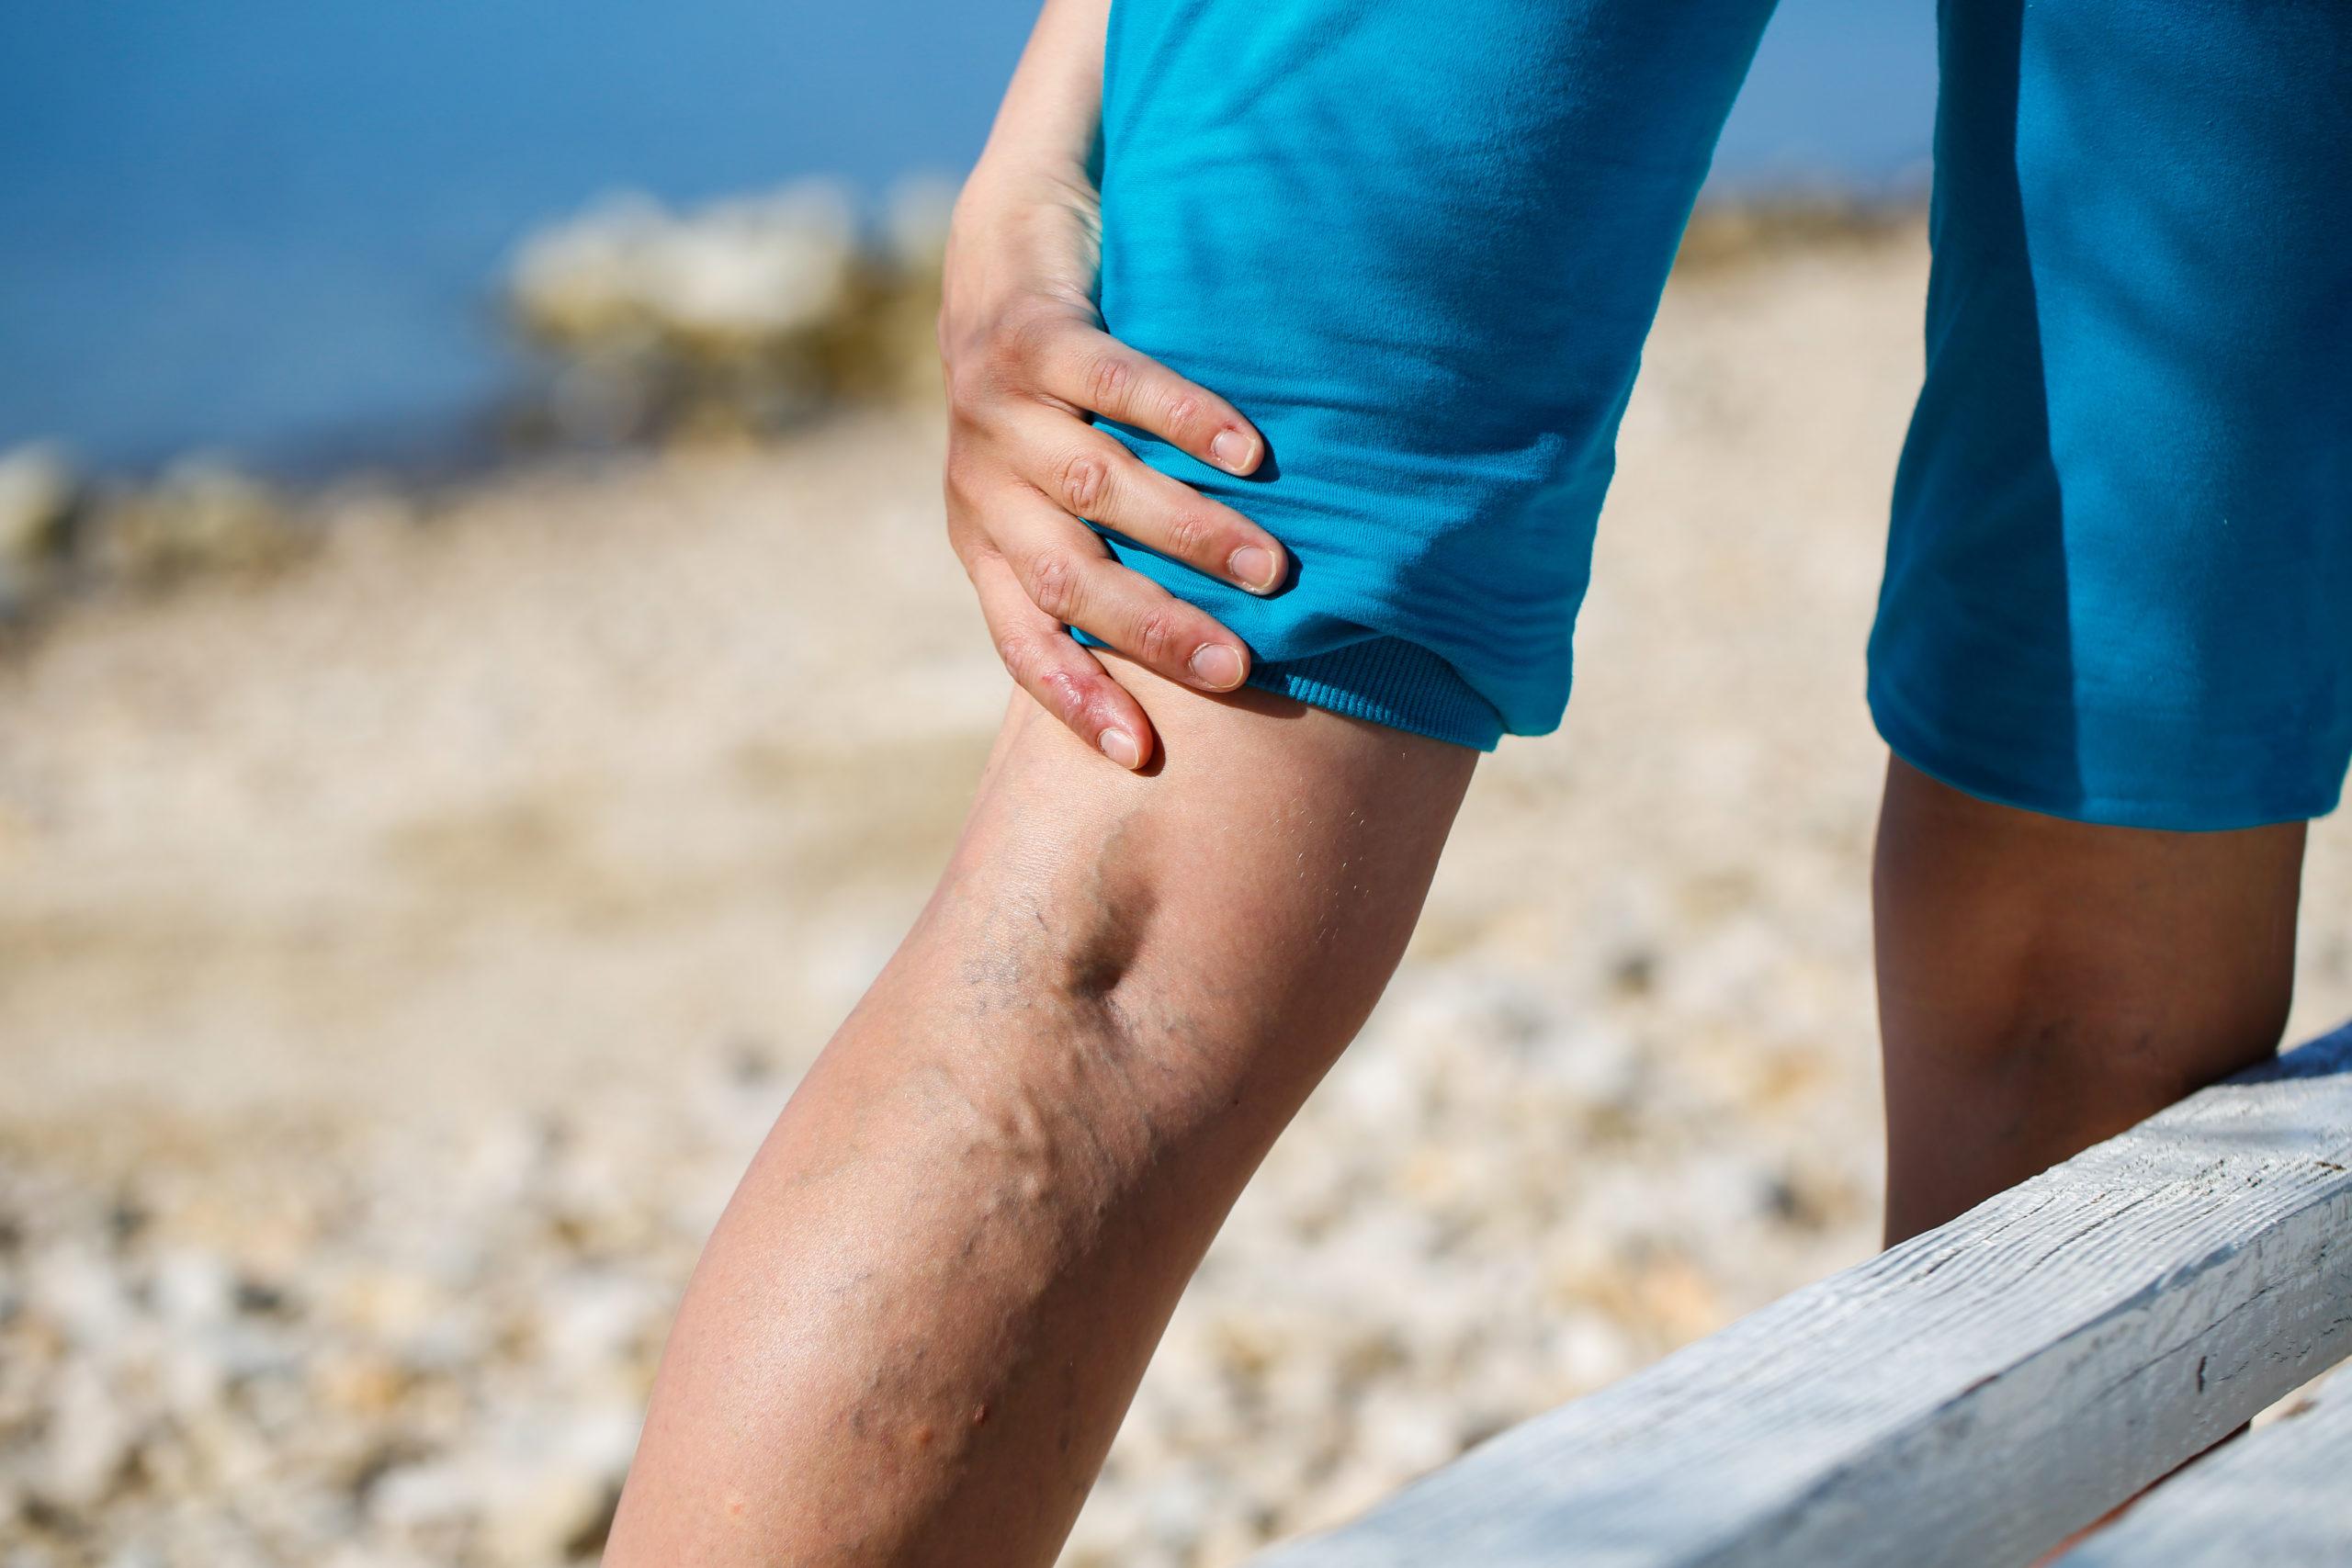 Eine Frau geht am Strand spazieren und hält sich schmerzvoll die Venen auf ihrem Bein. (Venenerkrankungen)